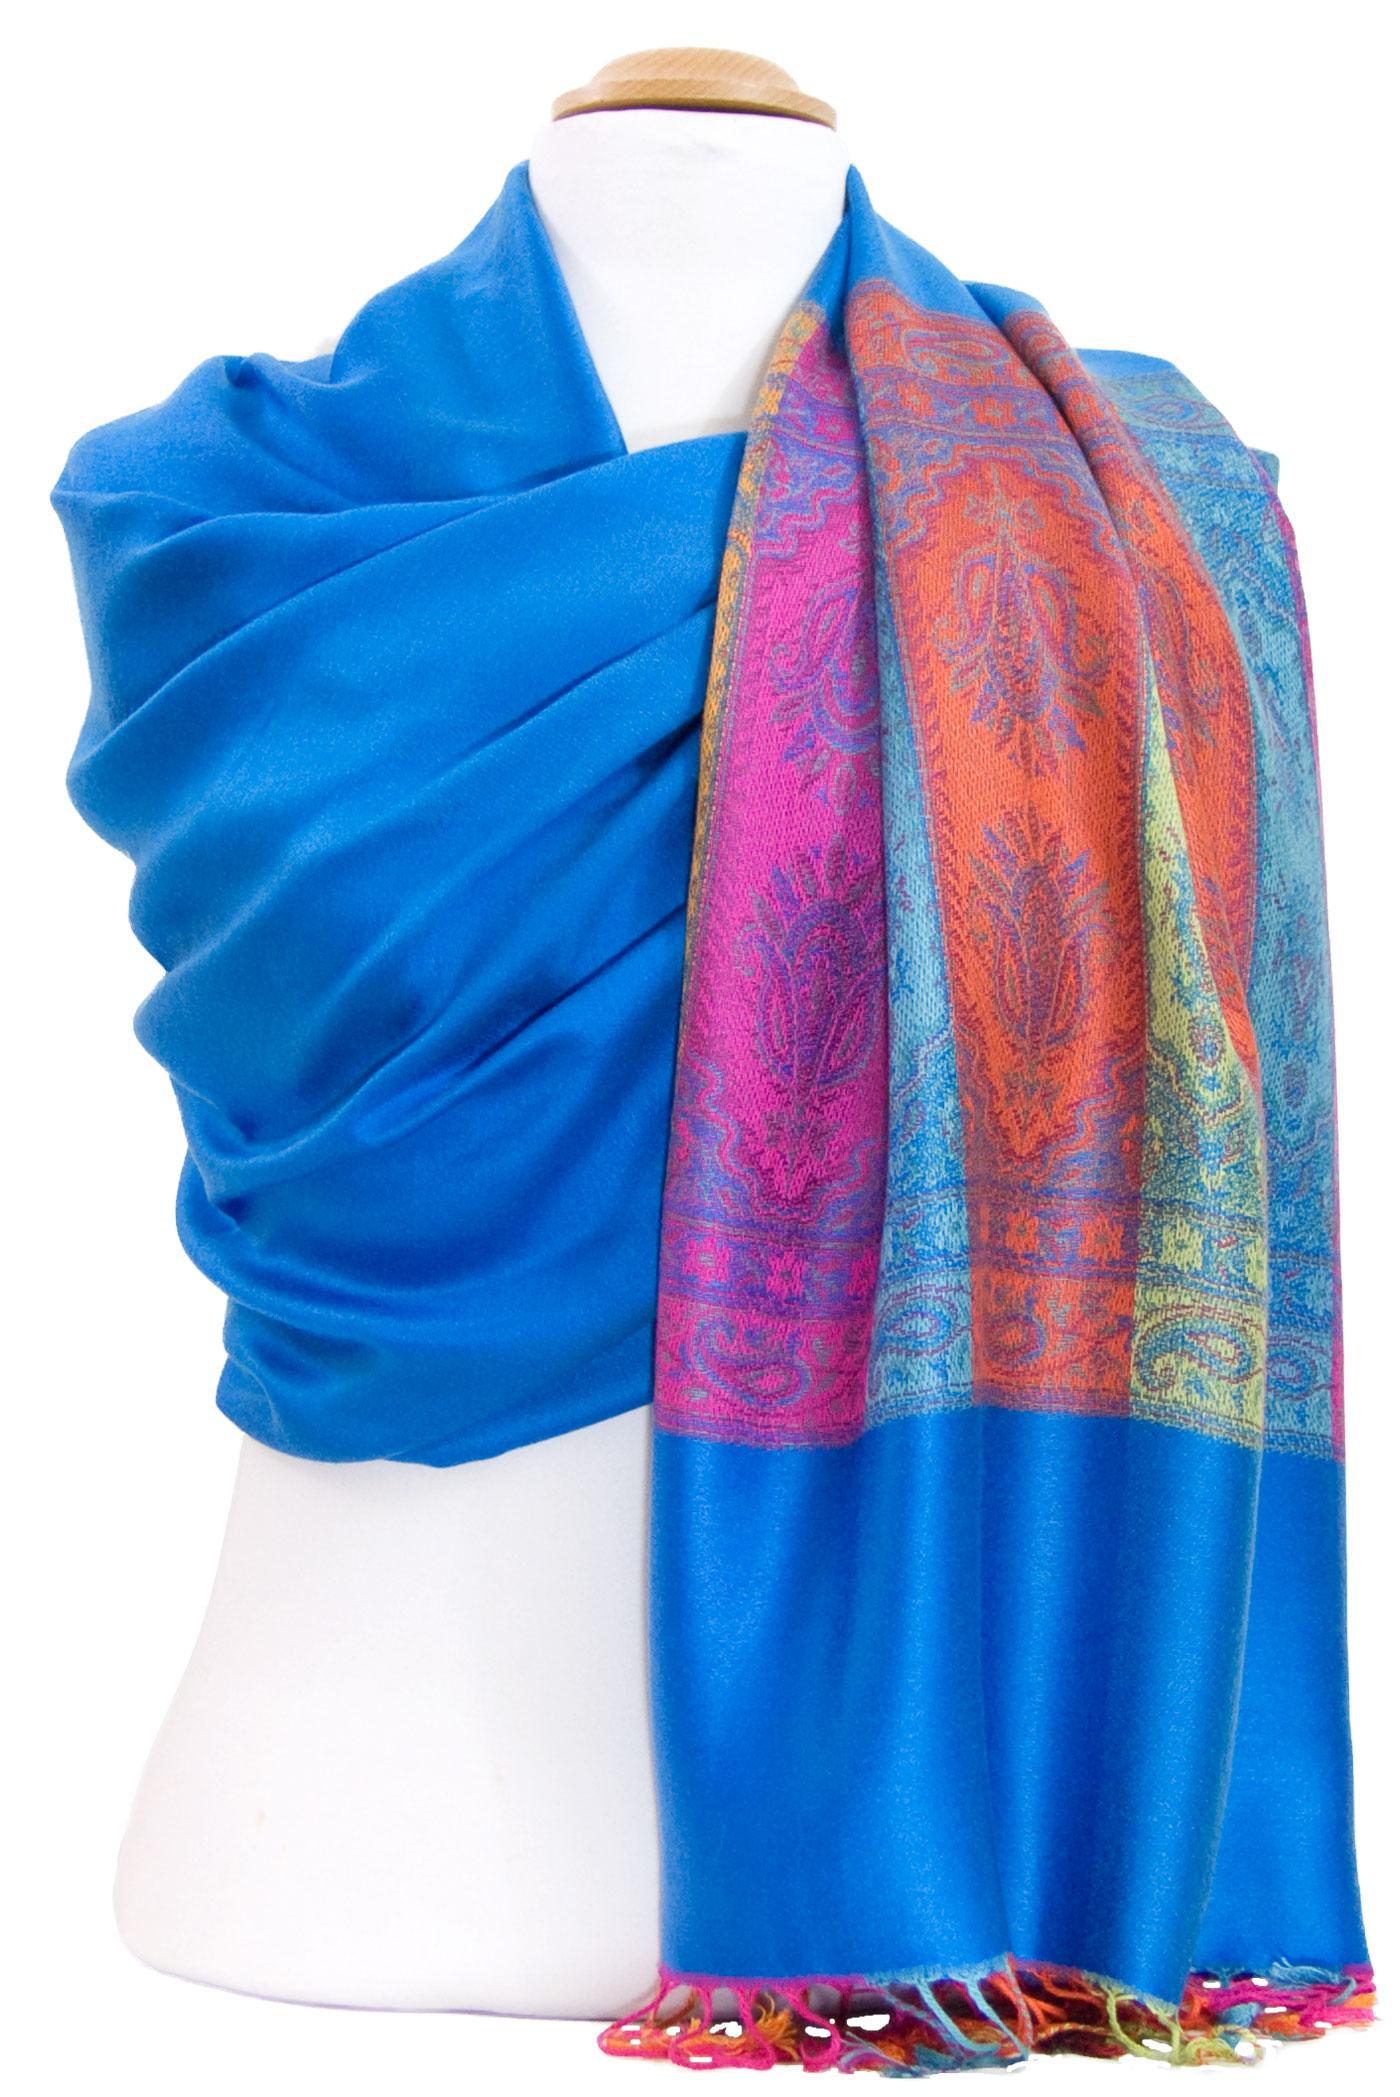 Etole pashmina bleu foncé tissage multicolores